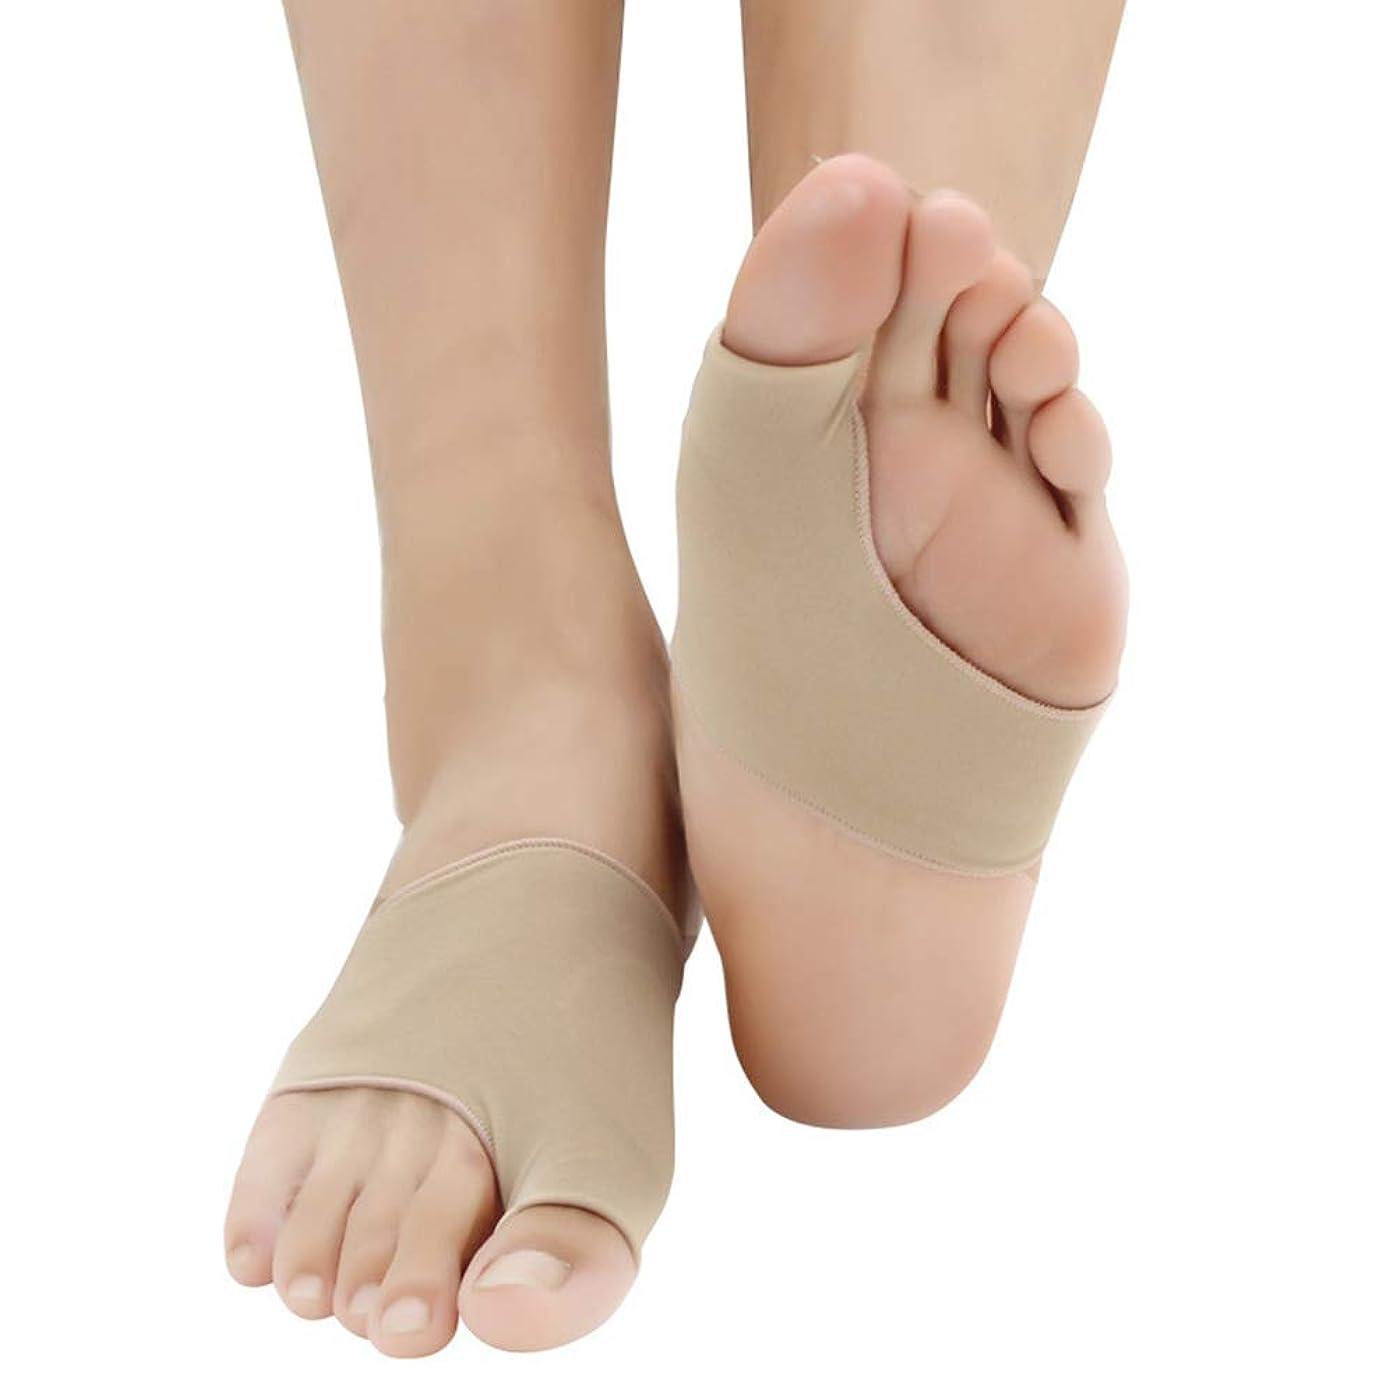 オーブンのみモルヒネAmyou 外反母趾修正腱膜救済ケアキット足指セパレーター腱鞘炎矯正 足指外反矯正 トリートケアキット足指分離器 母趾矯正器 1個